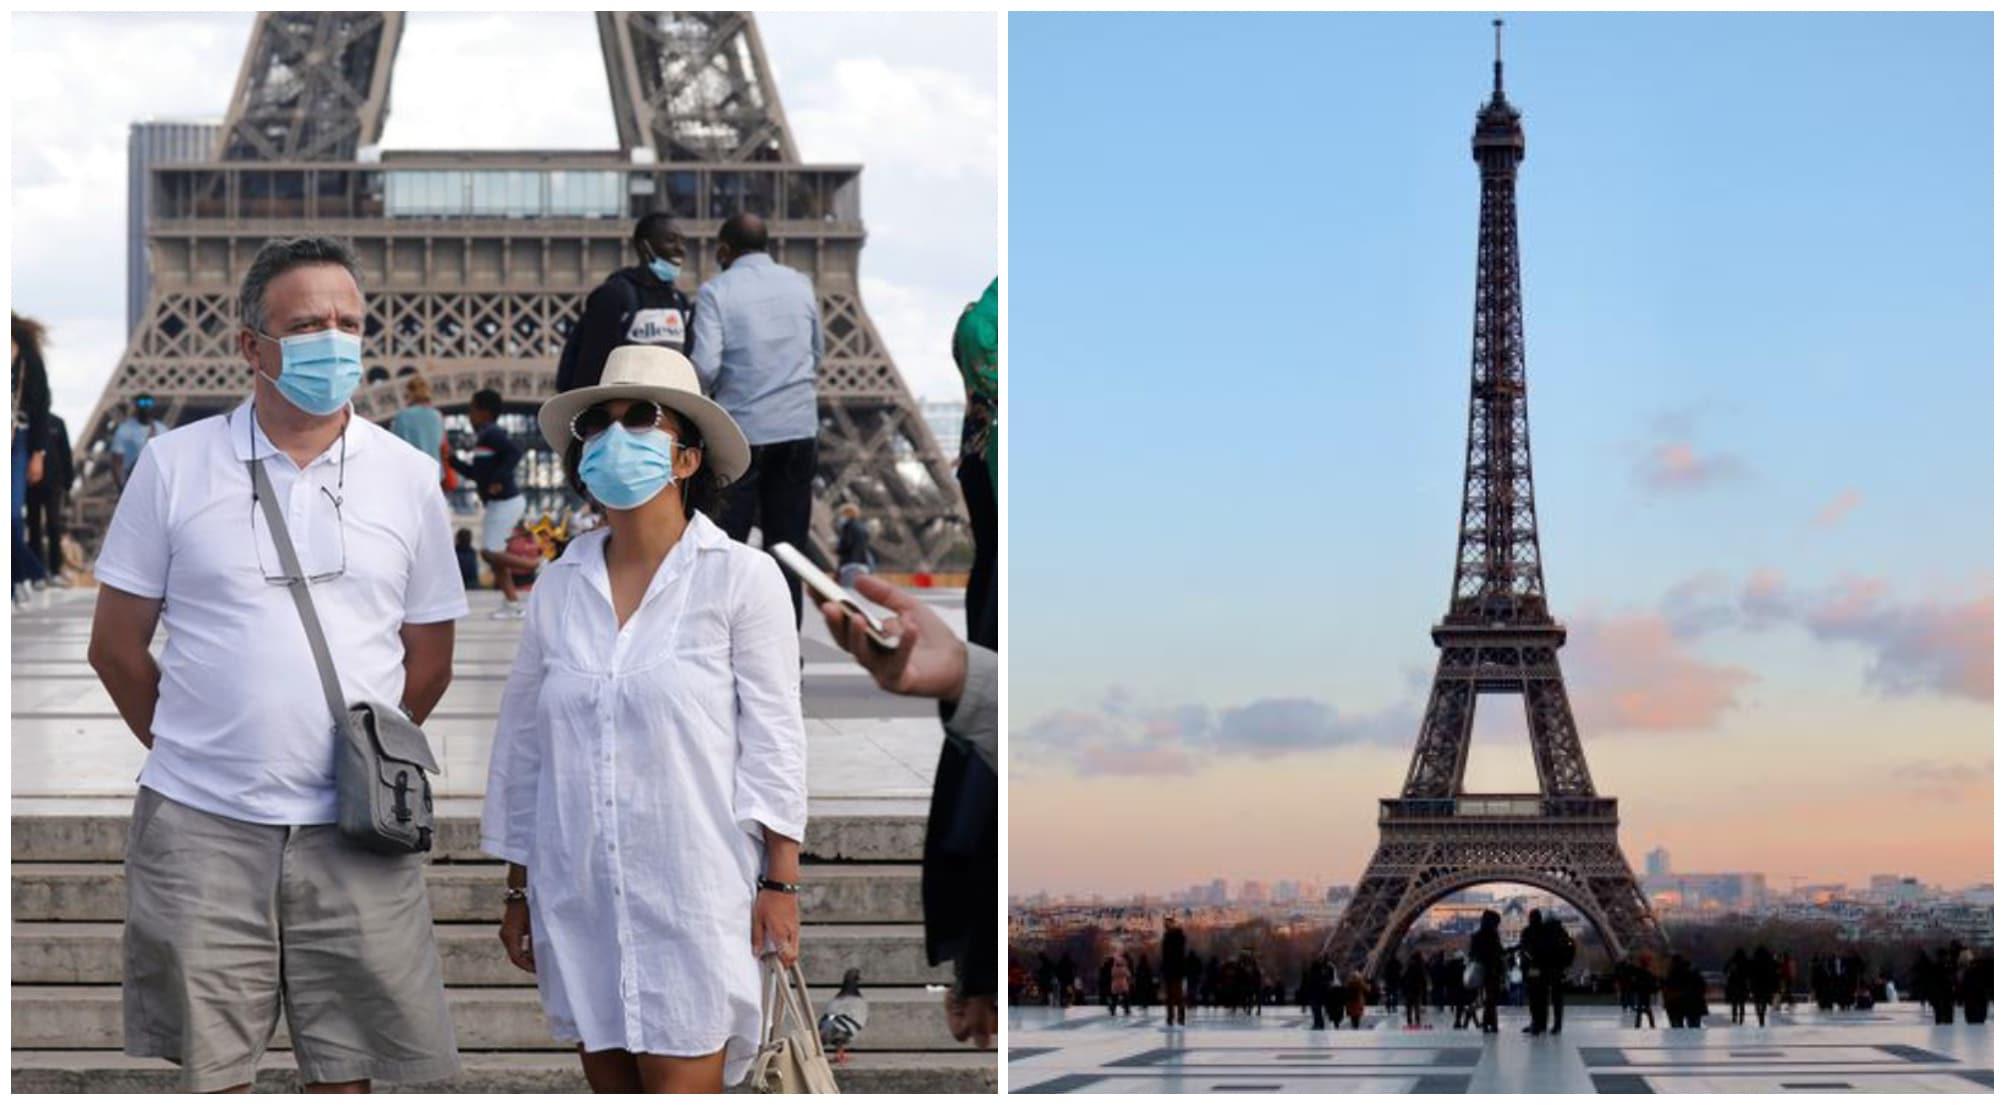 Coronavirus : Paris et la région Île-de-France se préparent à prendre de nouvelles mesures restrictives